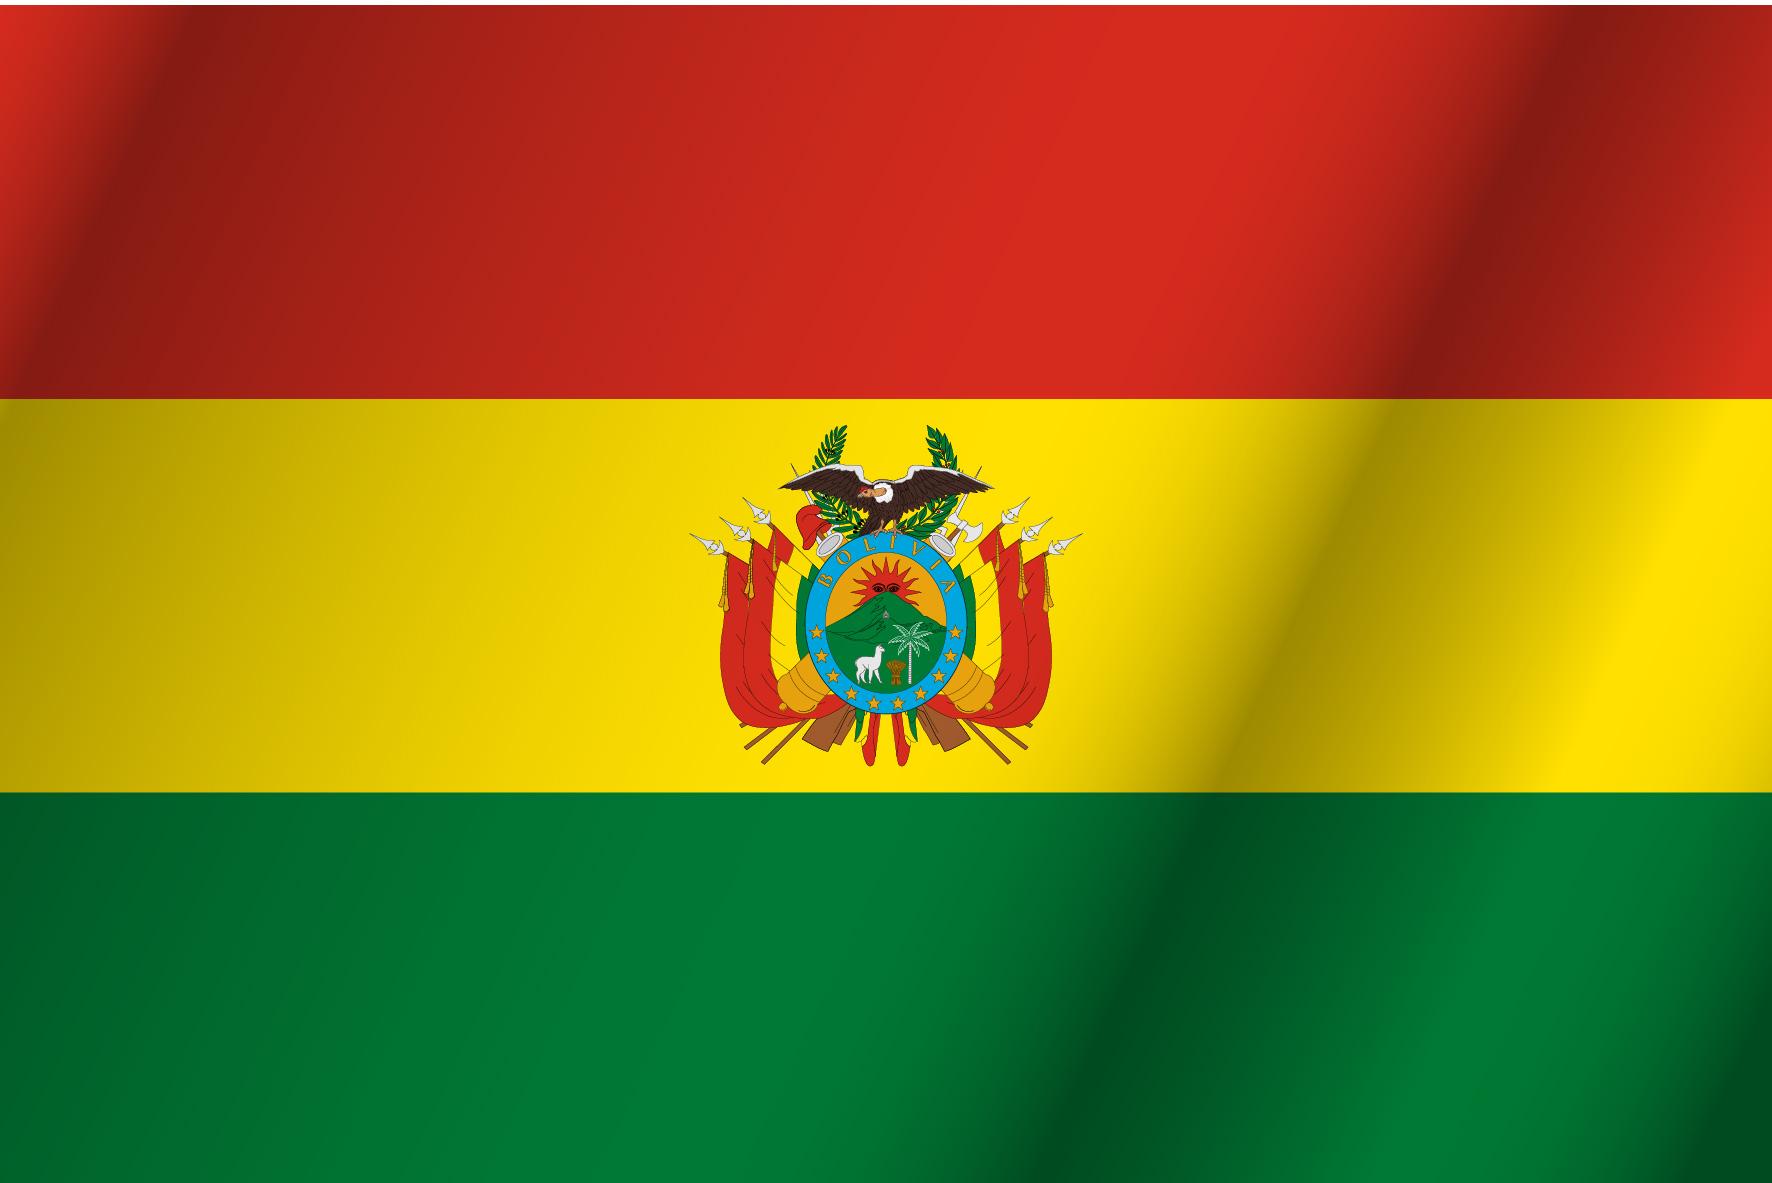 Paises con color verde en su bandera